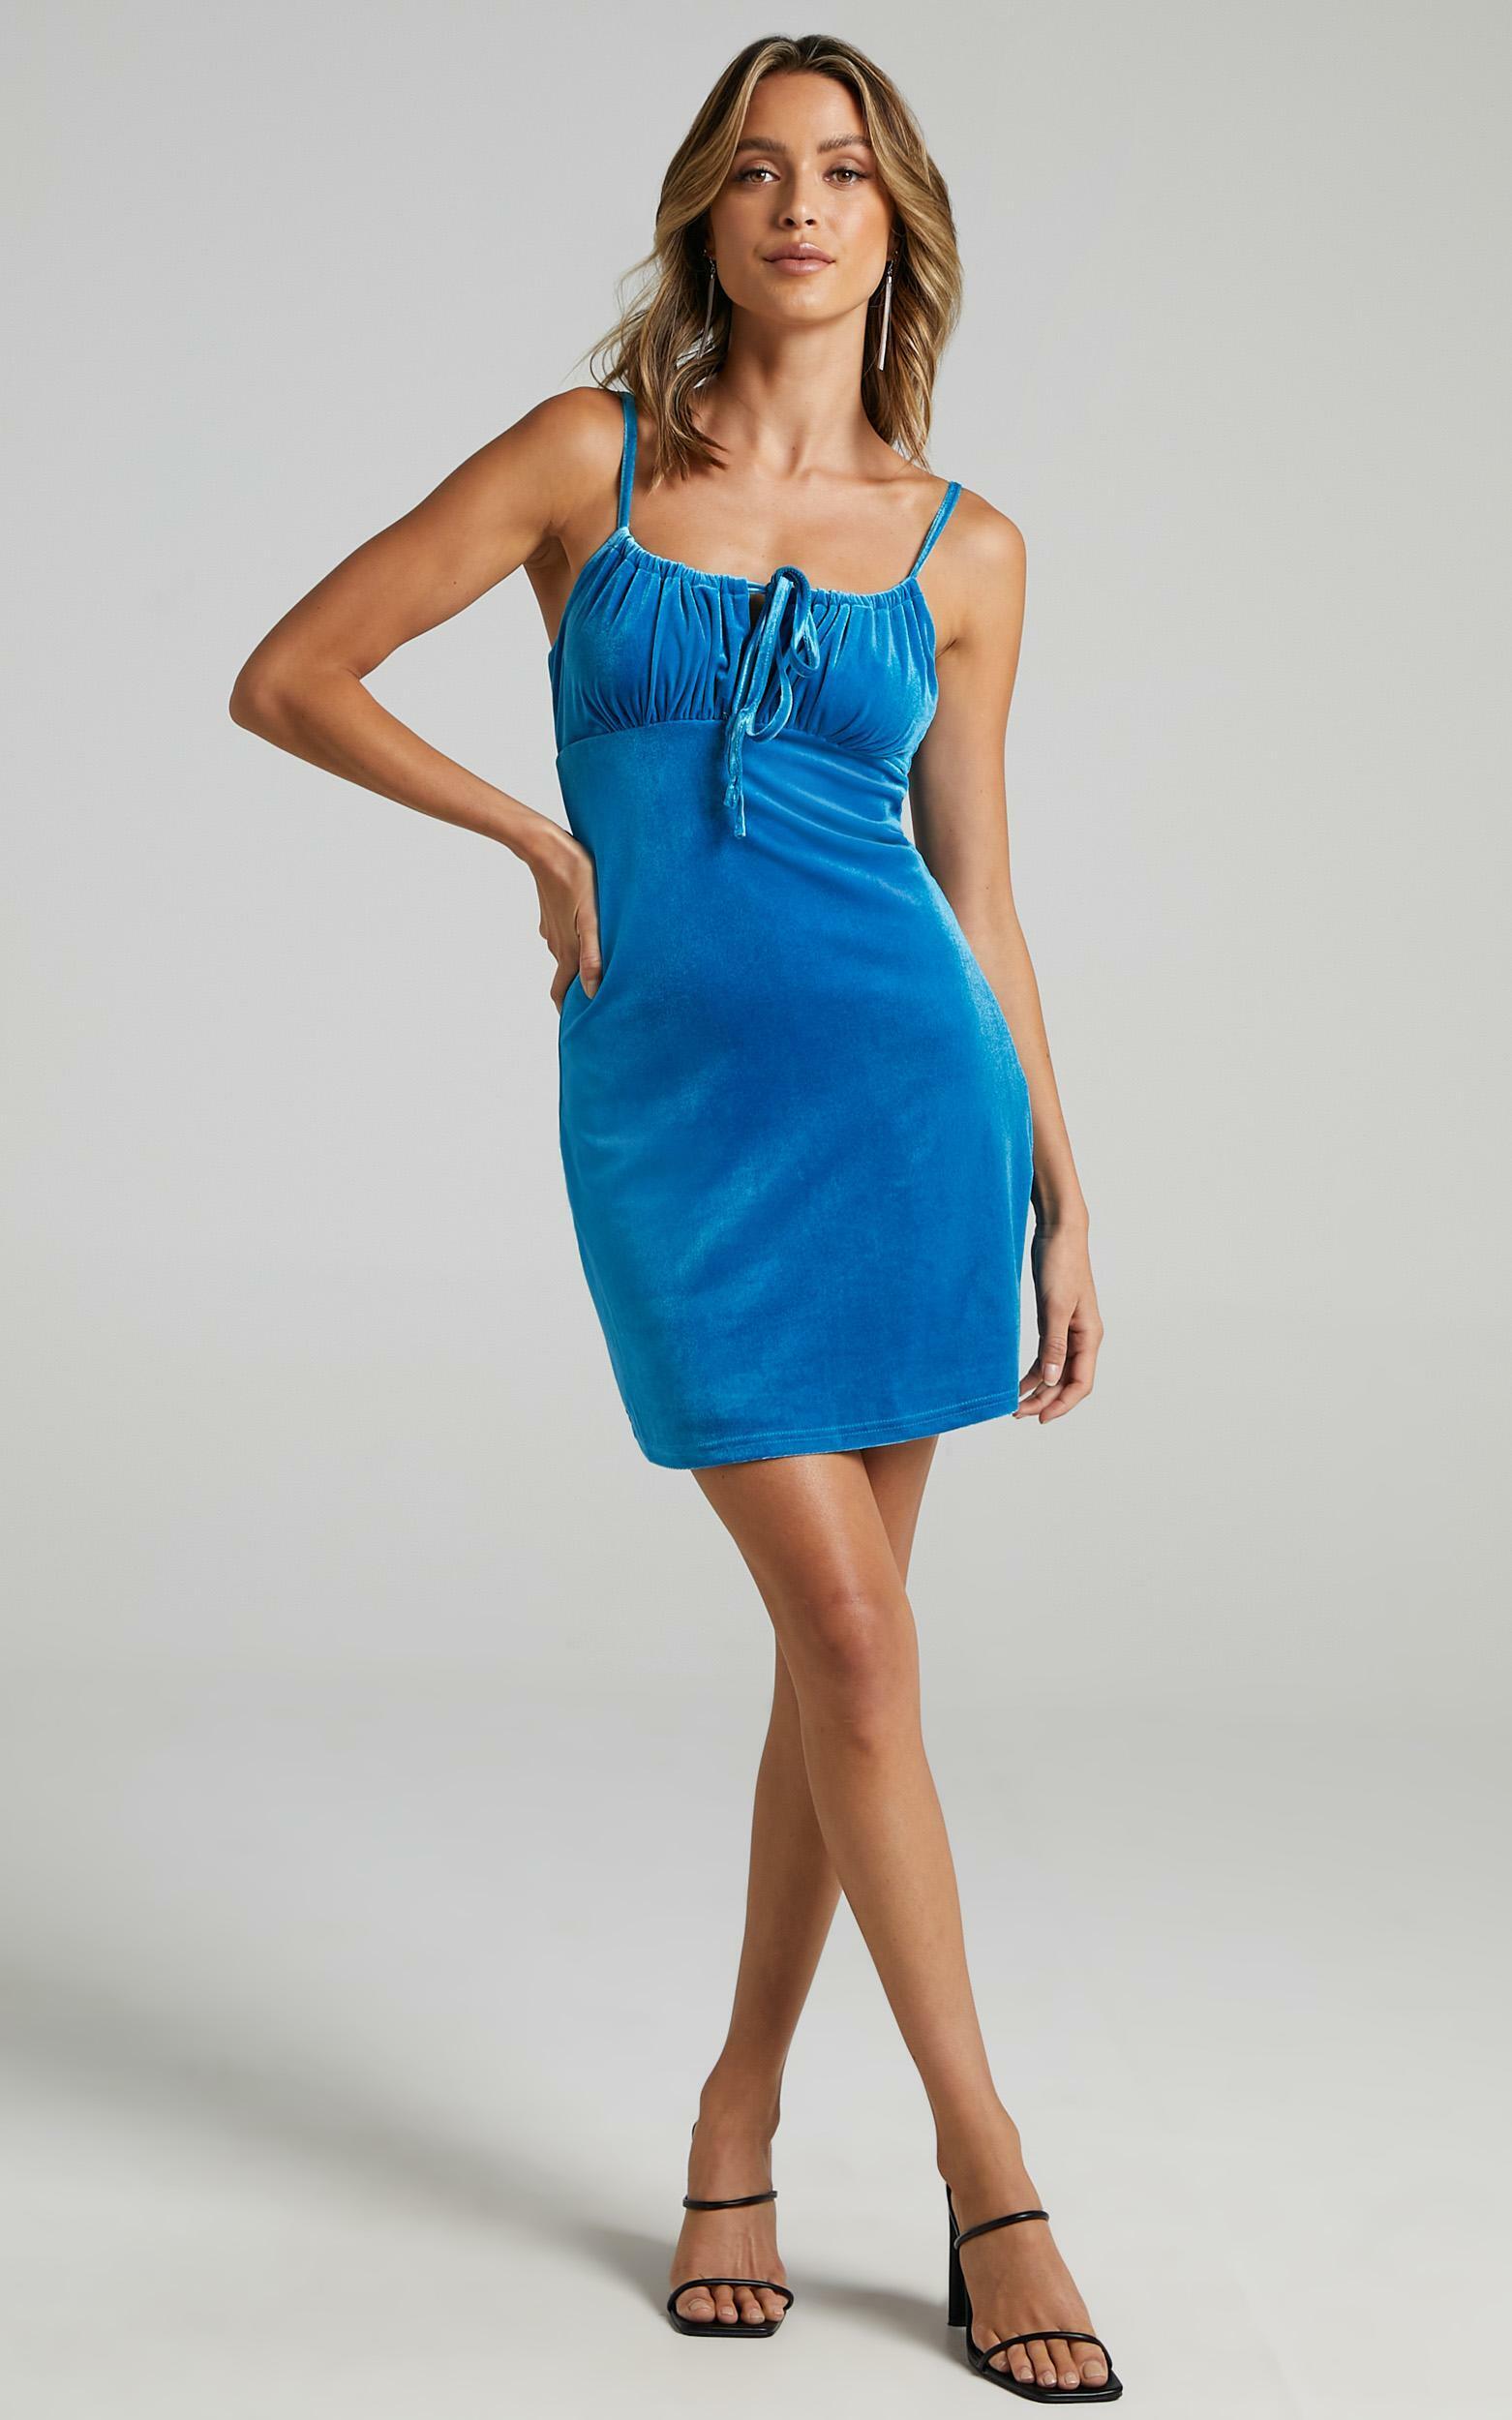 Ive Got You Now Dress in Cobalt Velvet - 06, BLU16, hi-res image number null